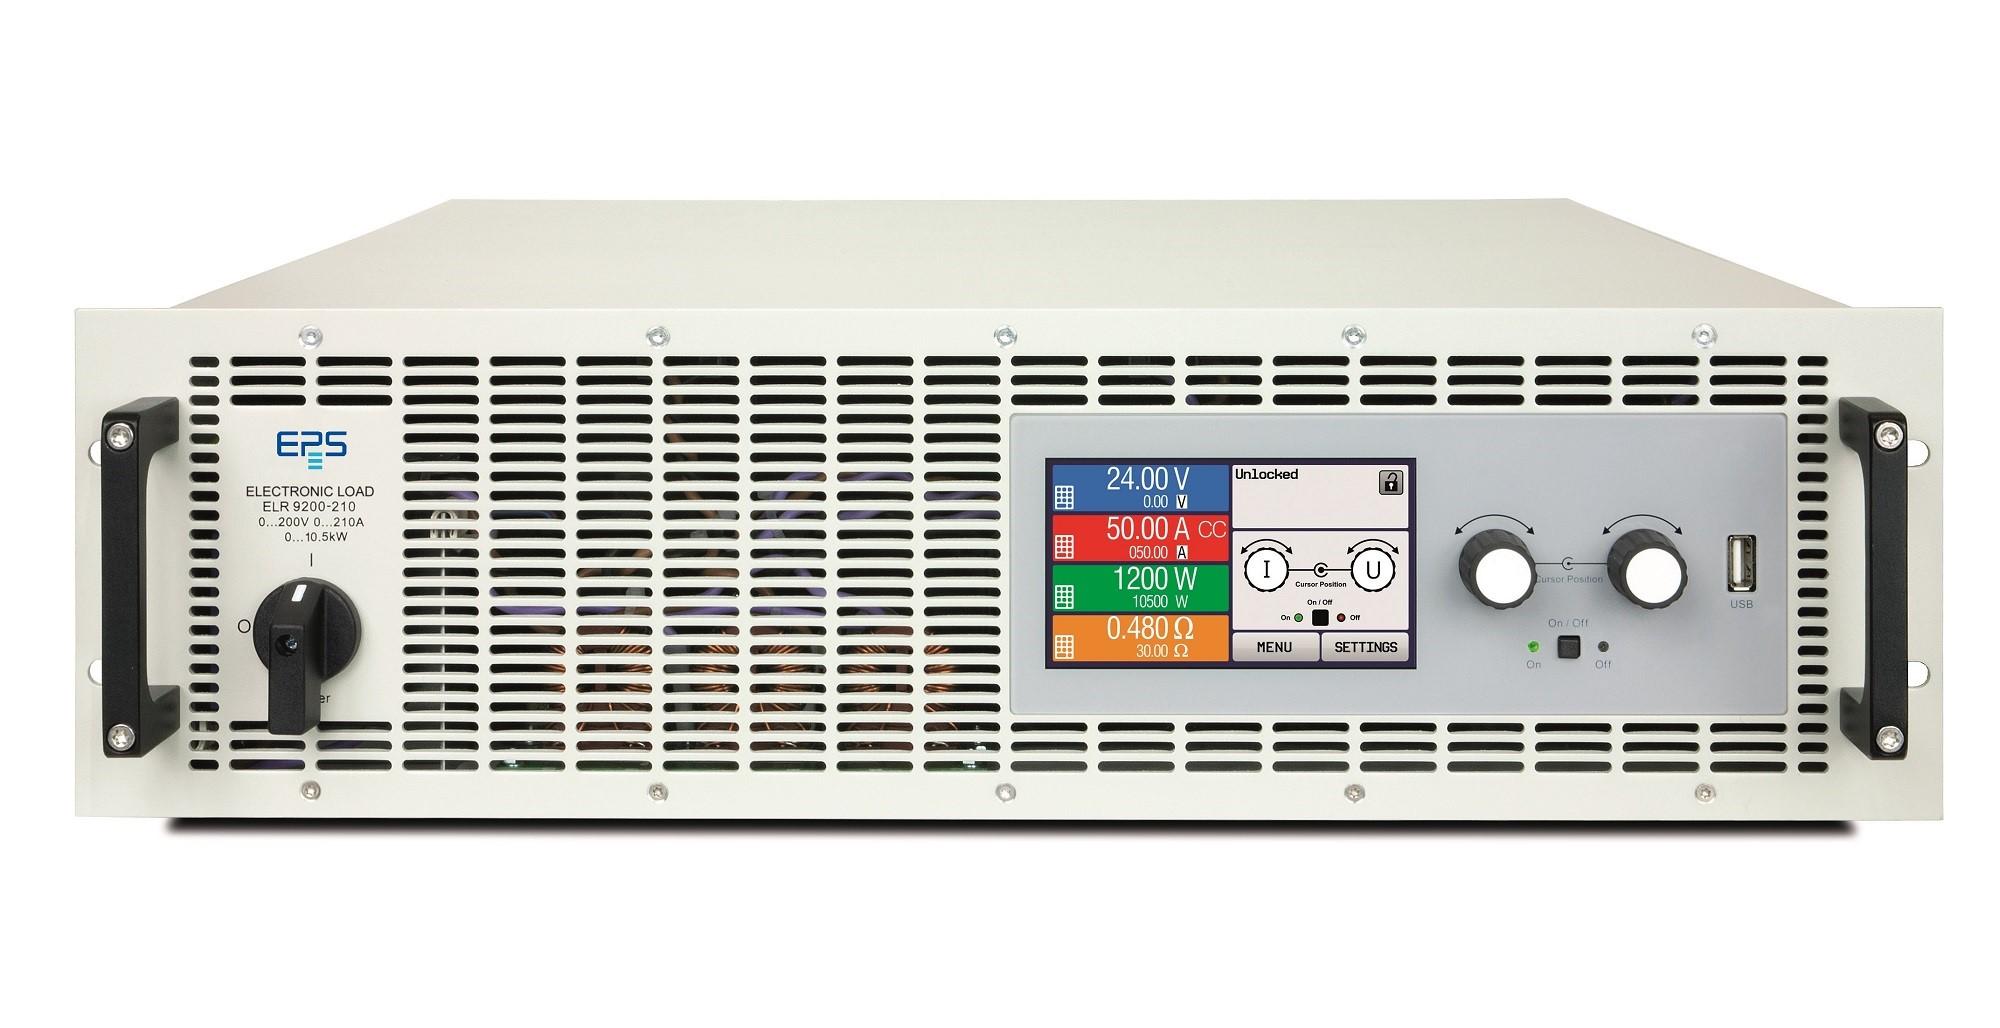 EPS/ELR 9080-170-HP Elektronische Last mit Netzrückspeisung